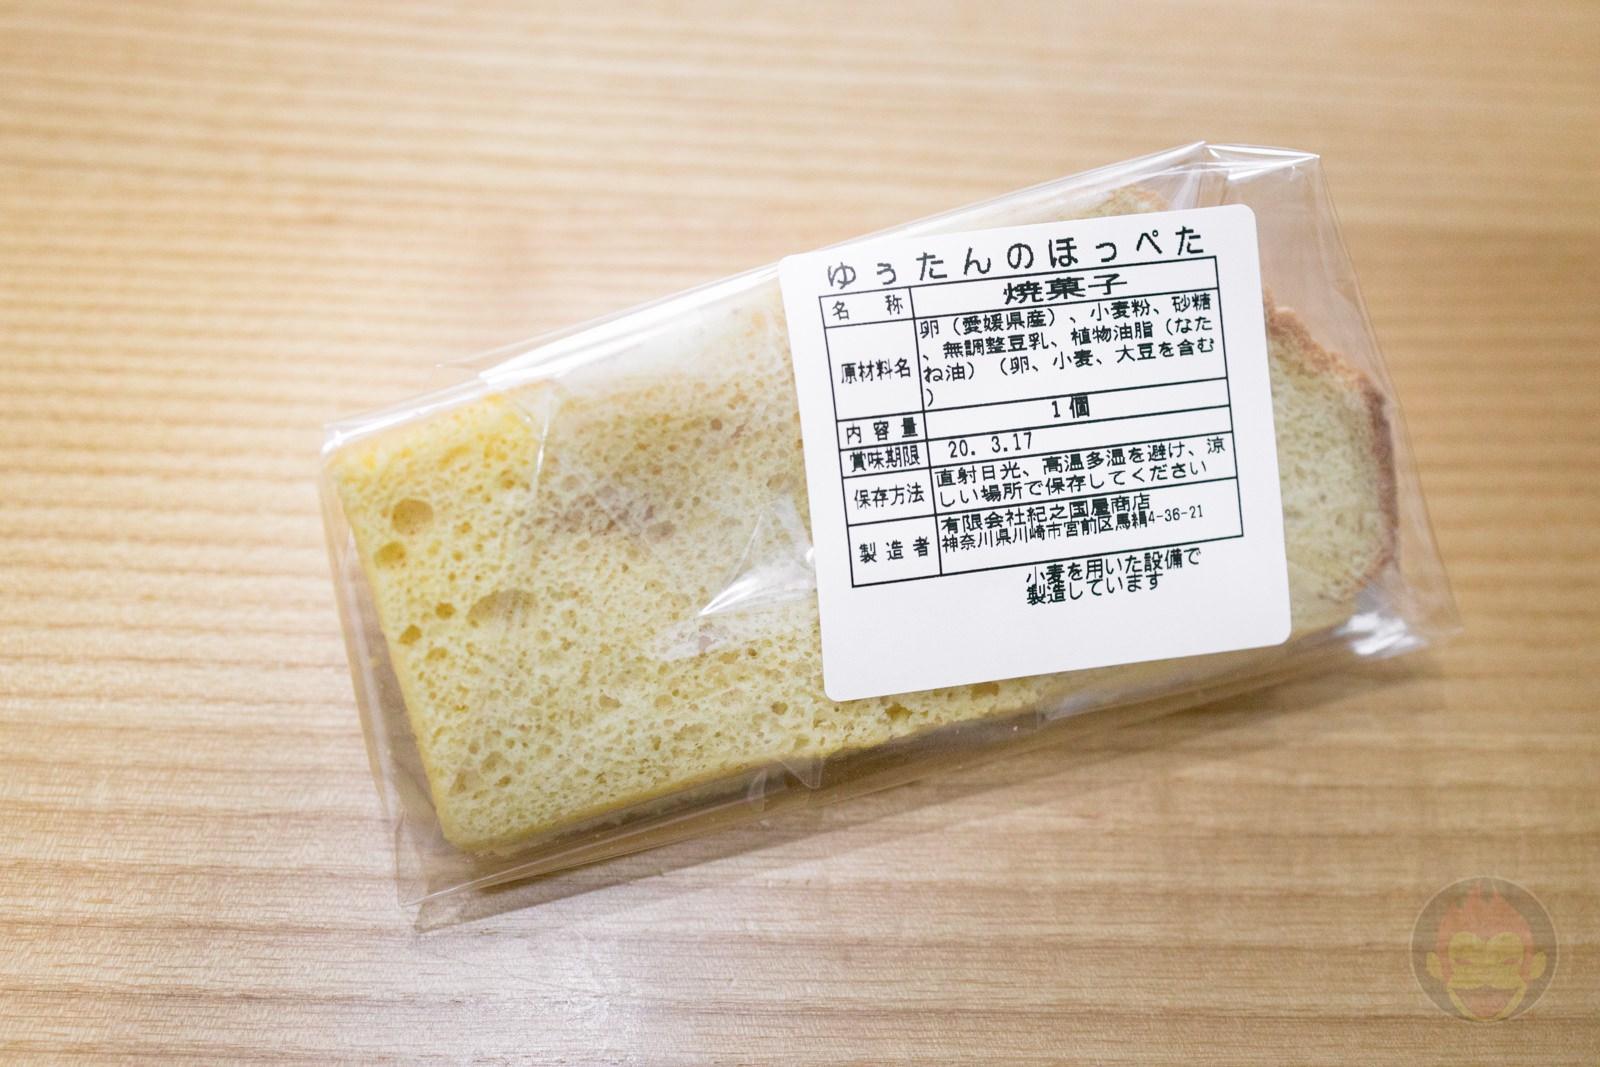 Yutan no Hoppeta chiffon cake 12